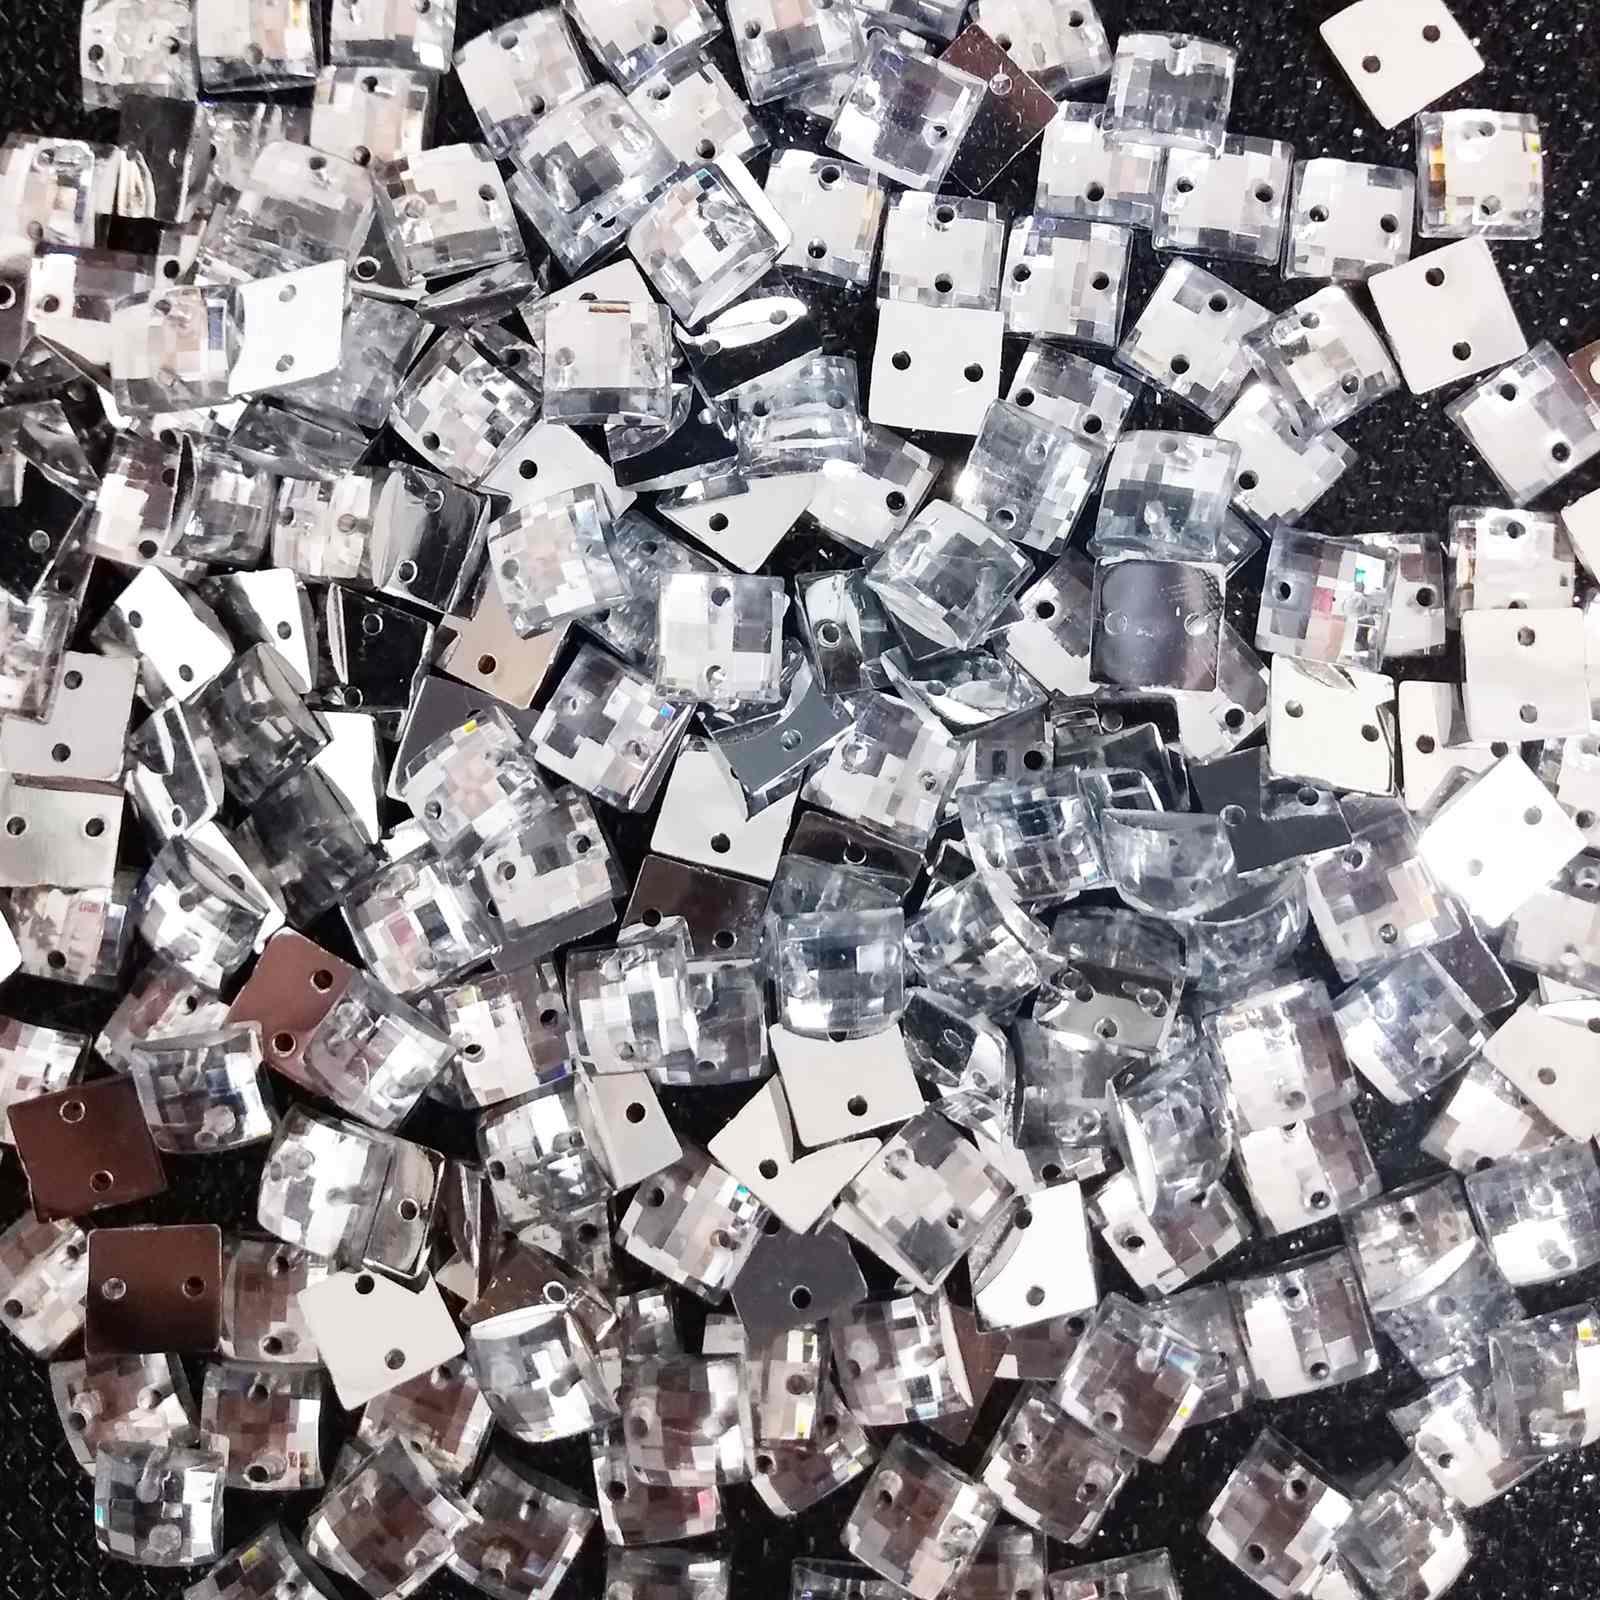 Chaton Quadrado Acrilico - 0,8x0,8 - Pacote com 2.000 unidades